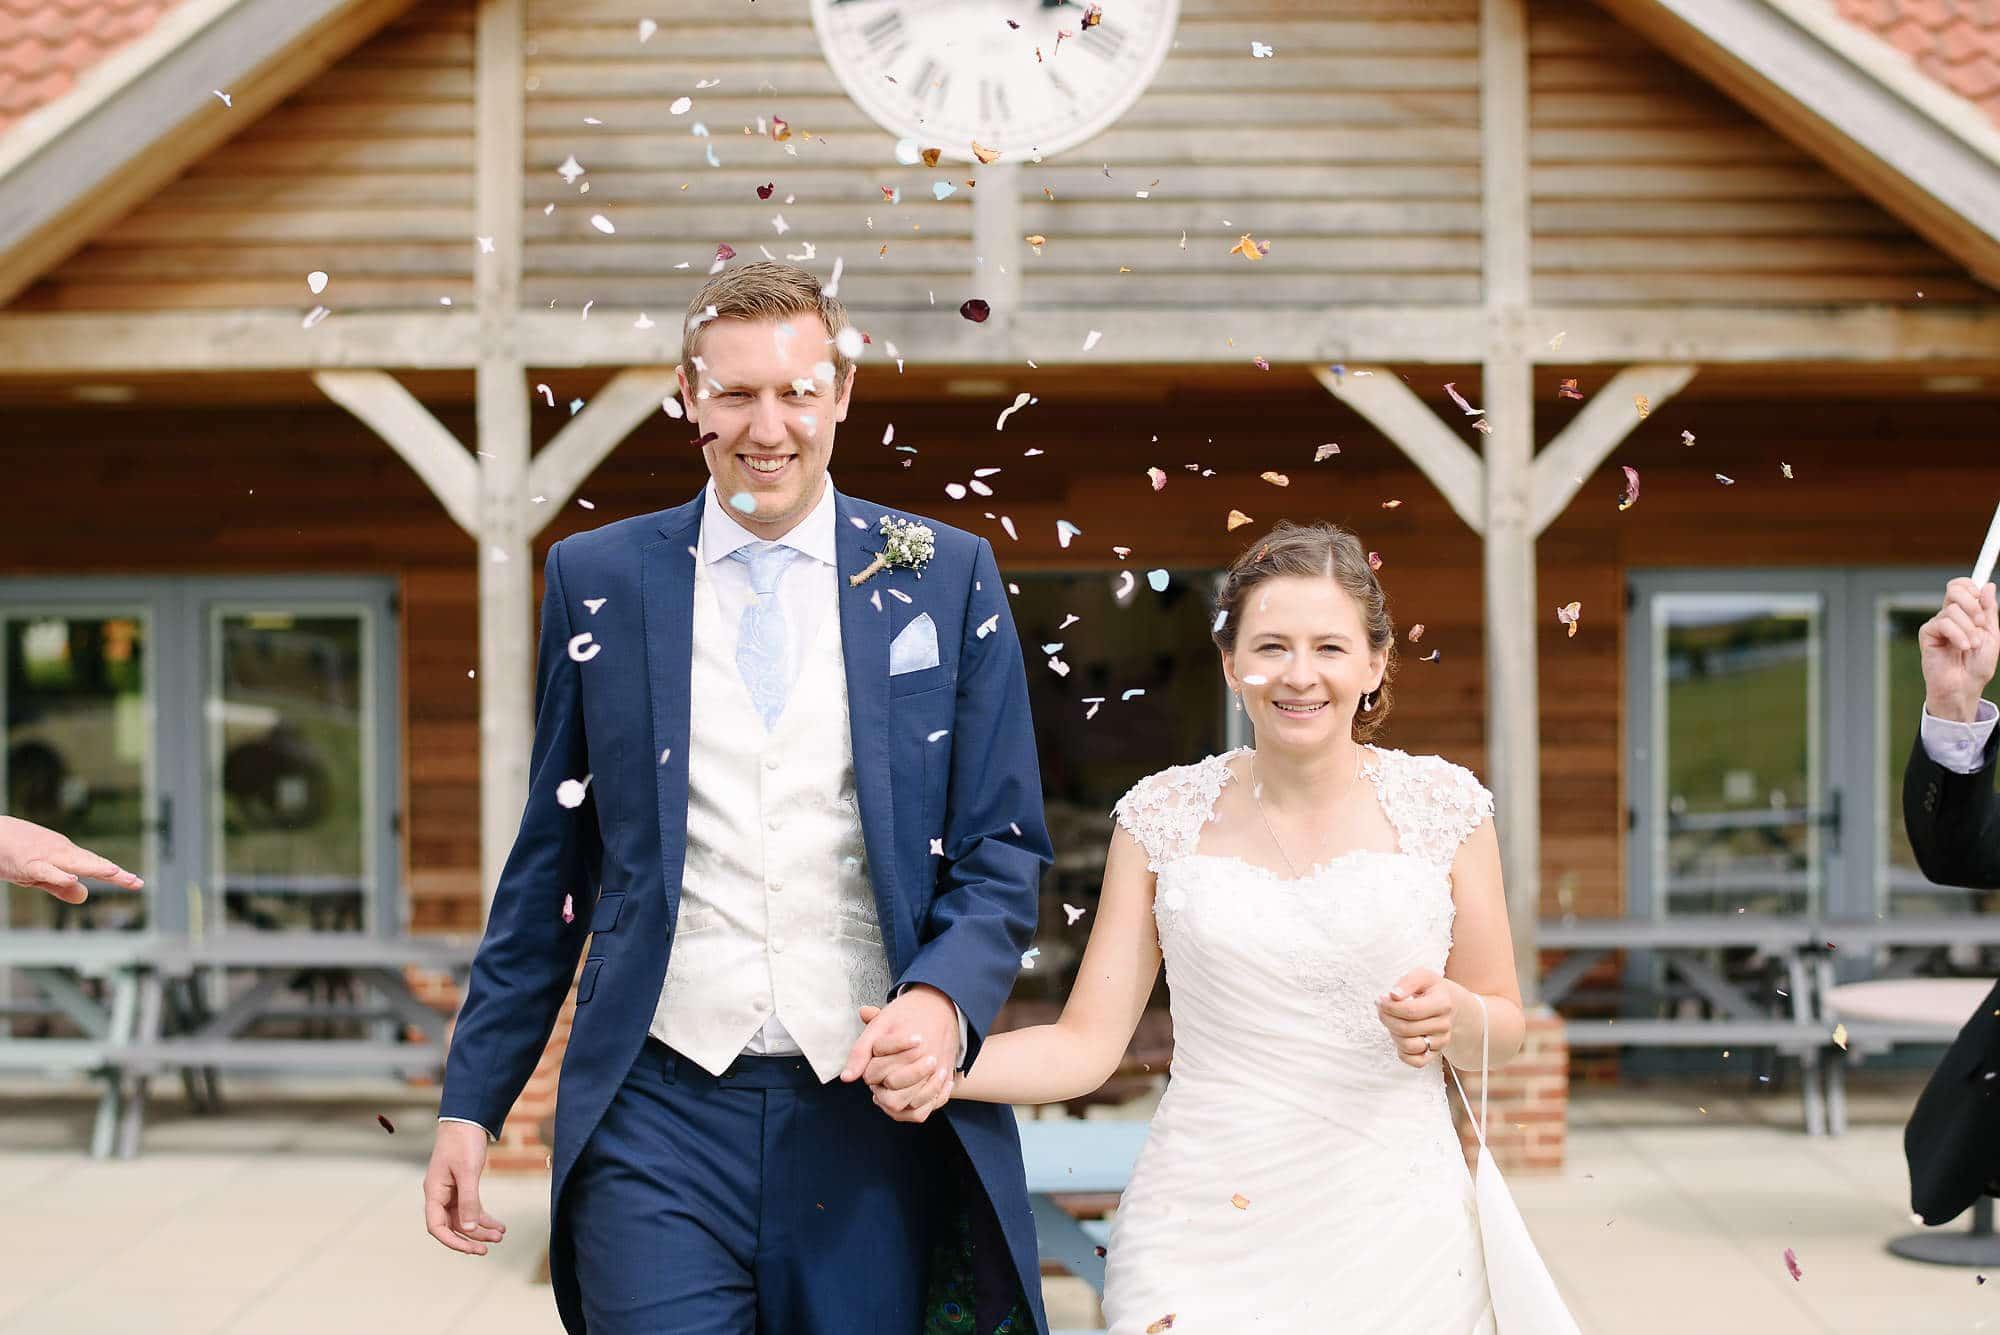 Matt & Natalie - Kings Lynn Wedding 9